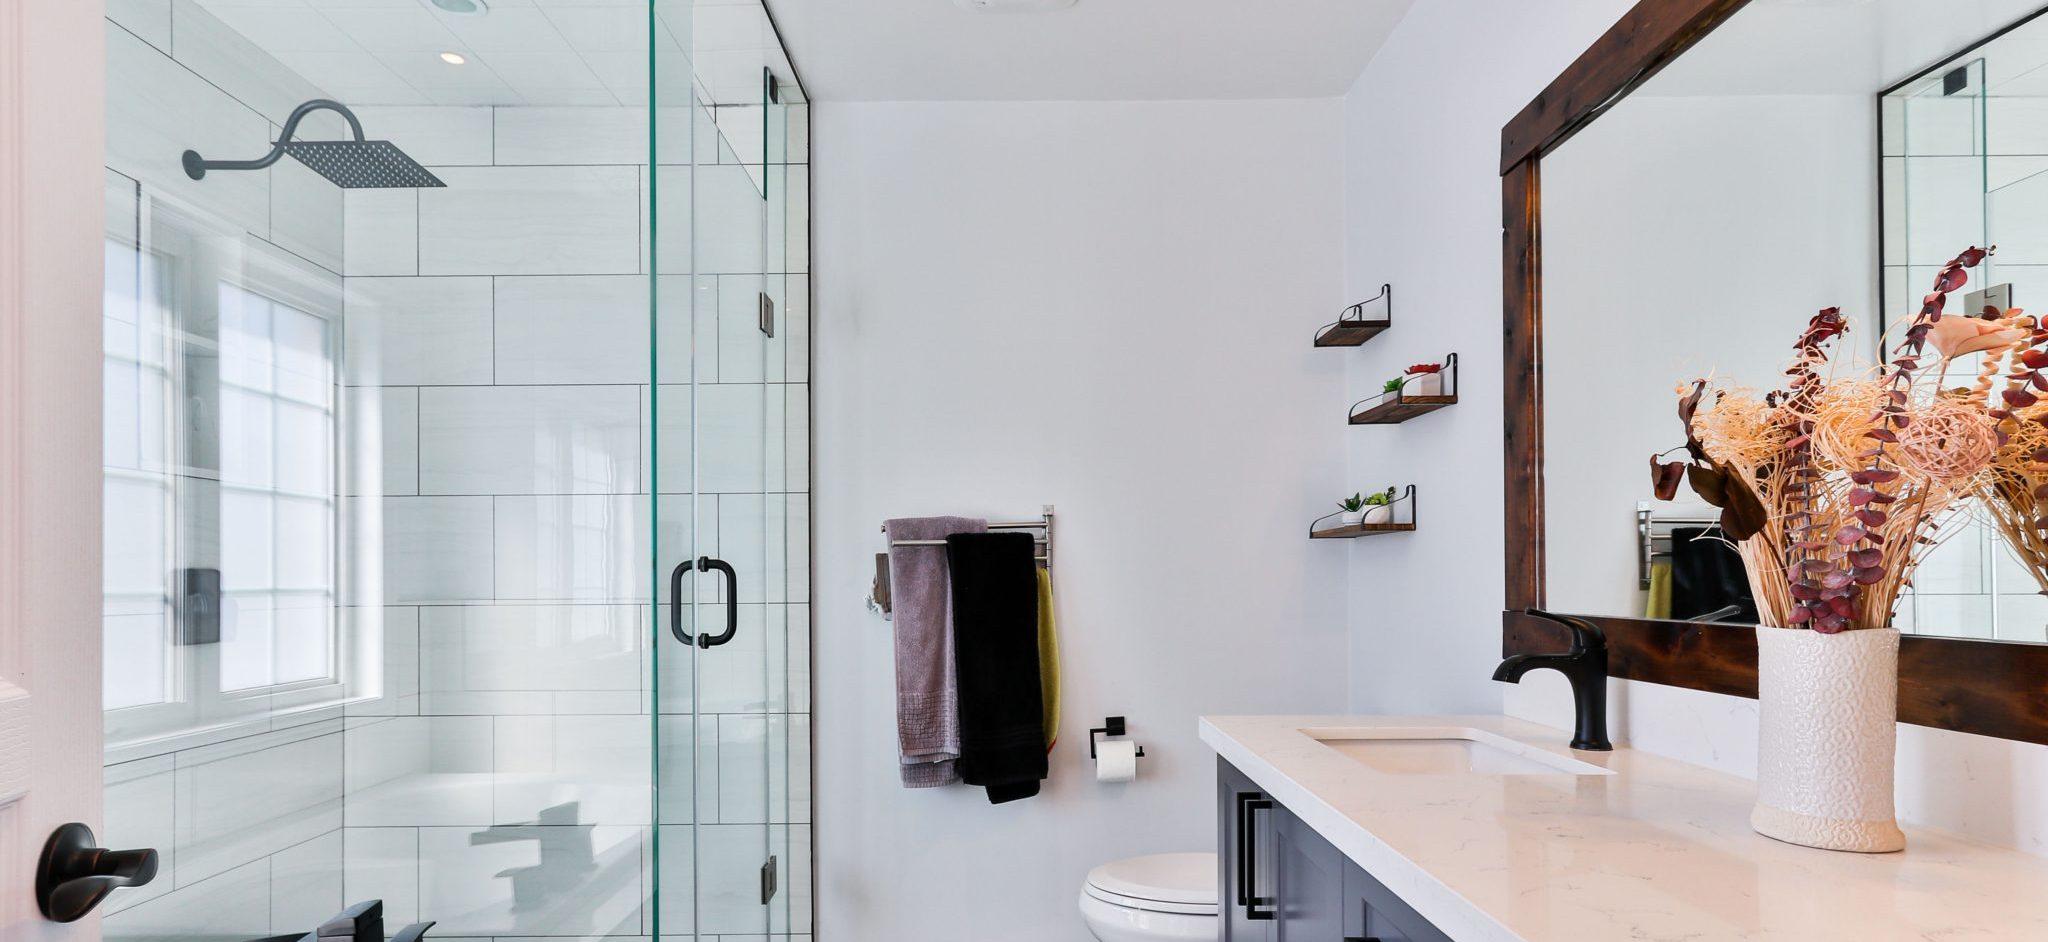 bathroom_shower-door